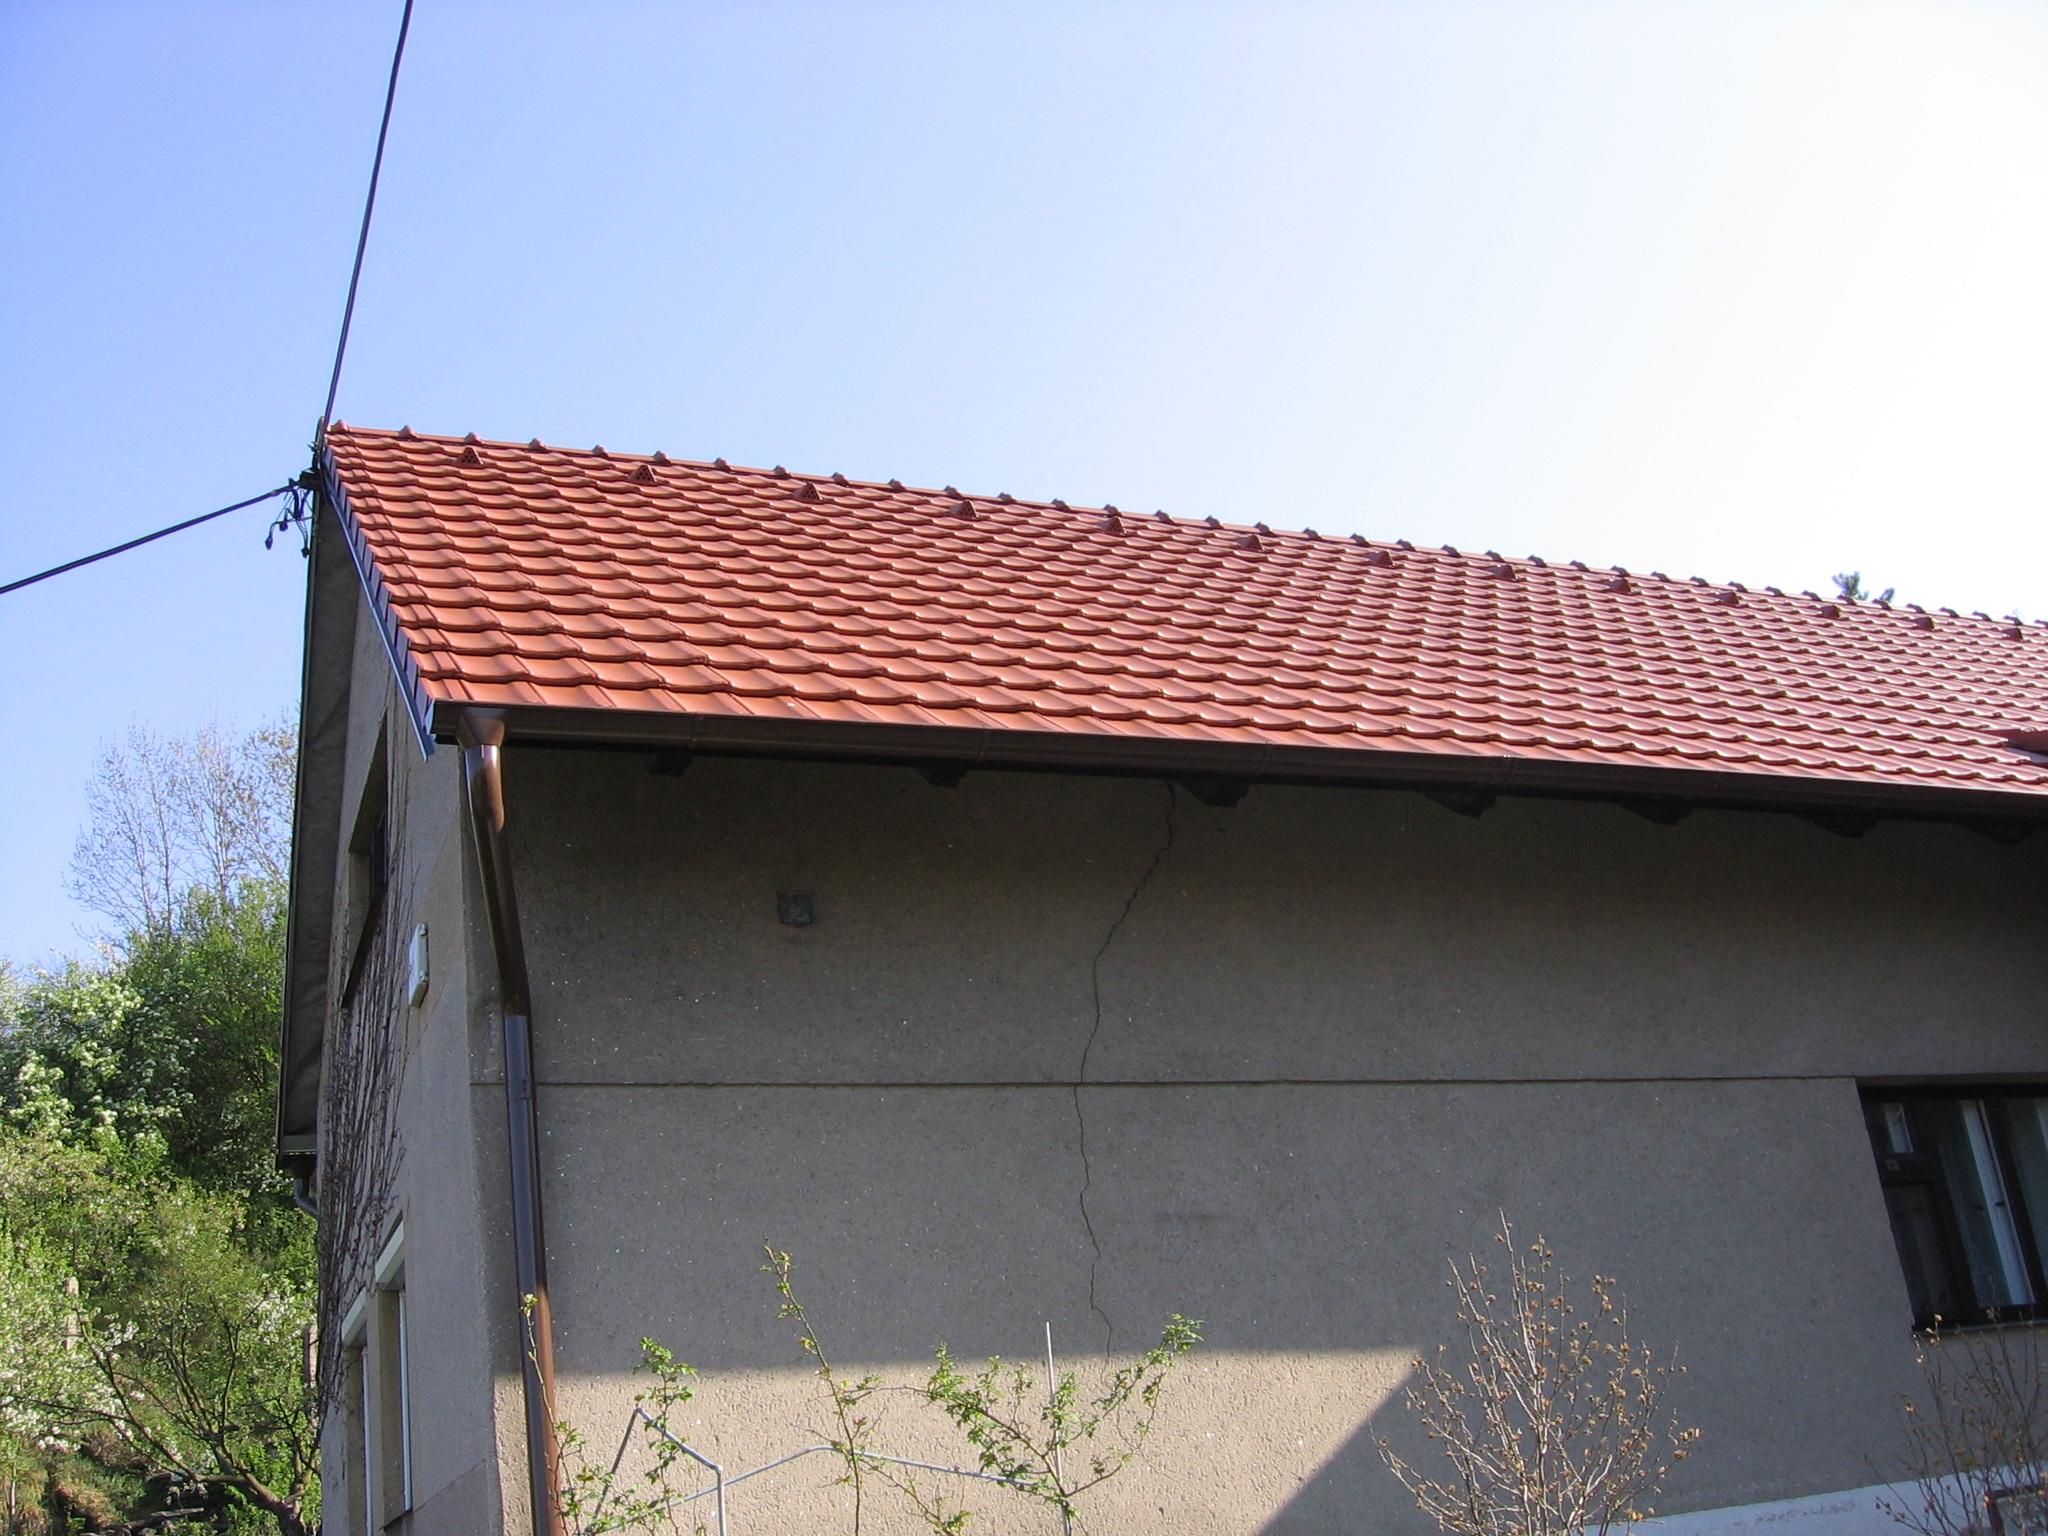 tondach-stodo-mc49bdc49bnc3a1-engoba2